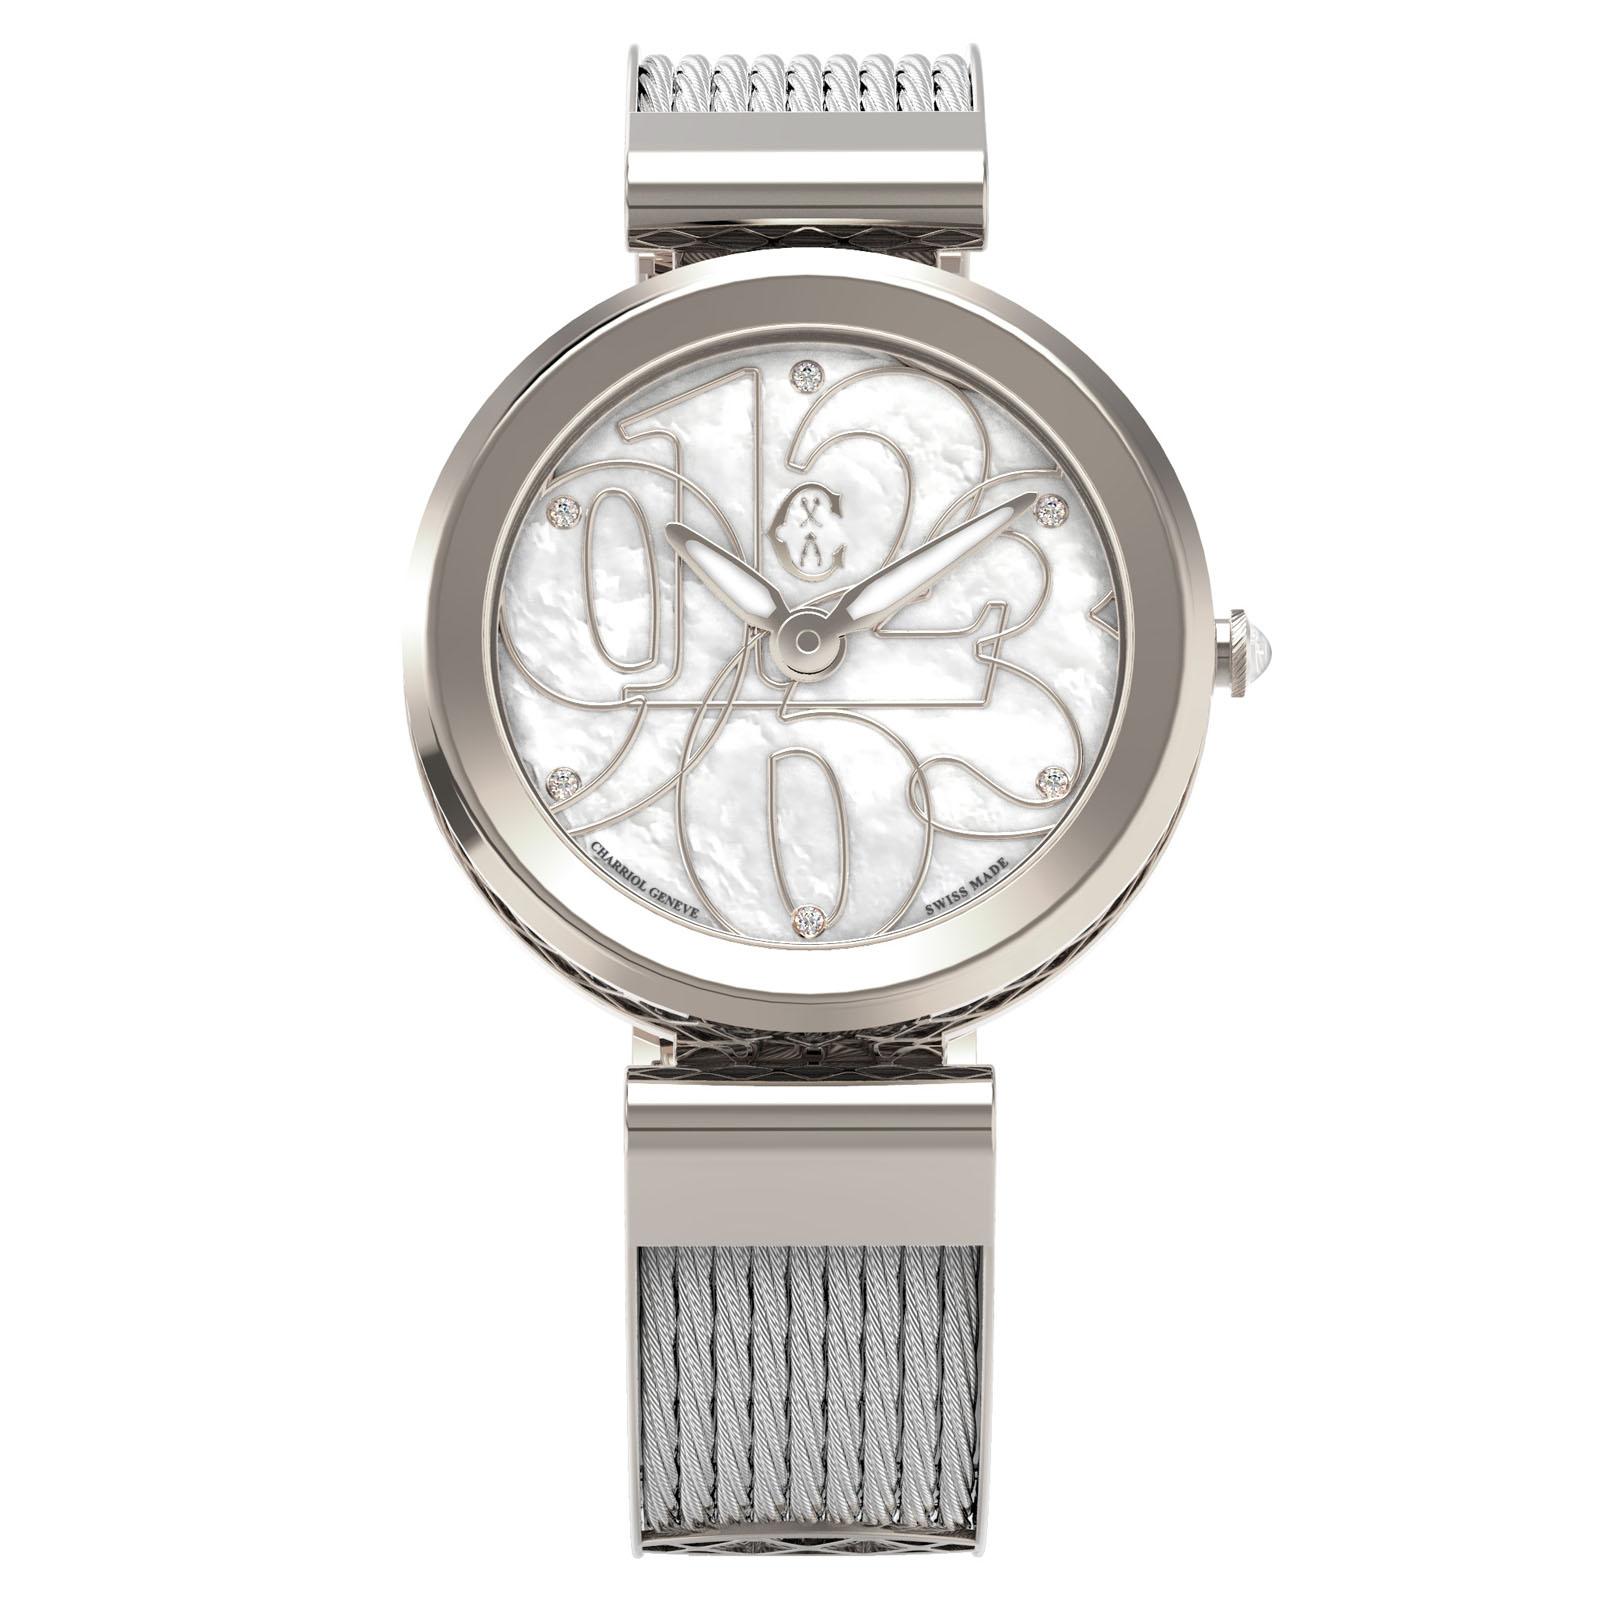 CHARRIOL夏利豪(FE32.101.001)Forever系列半鋼索數字時尚腕錶/珍珠母貝面32mm